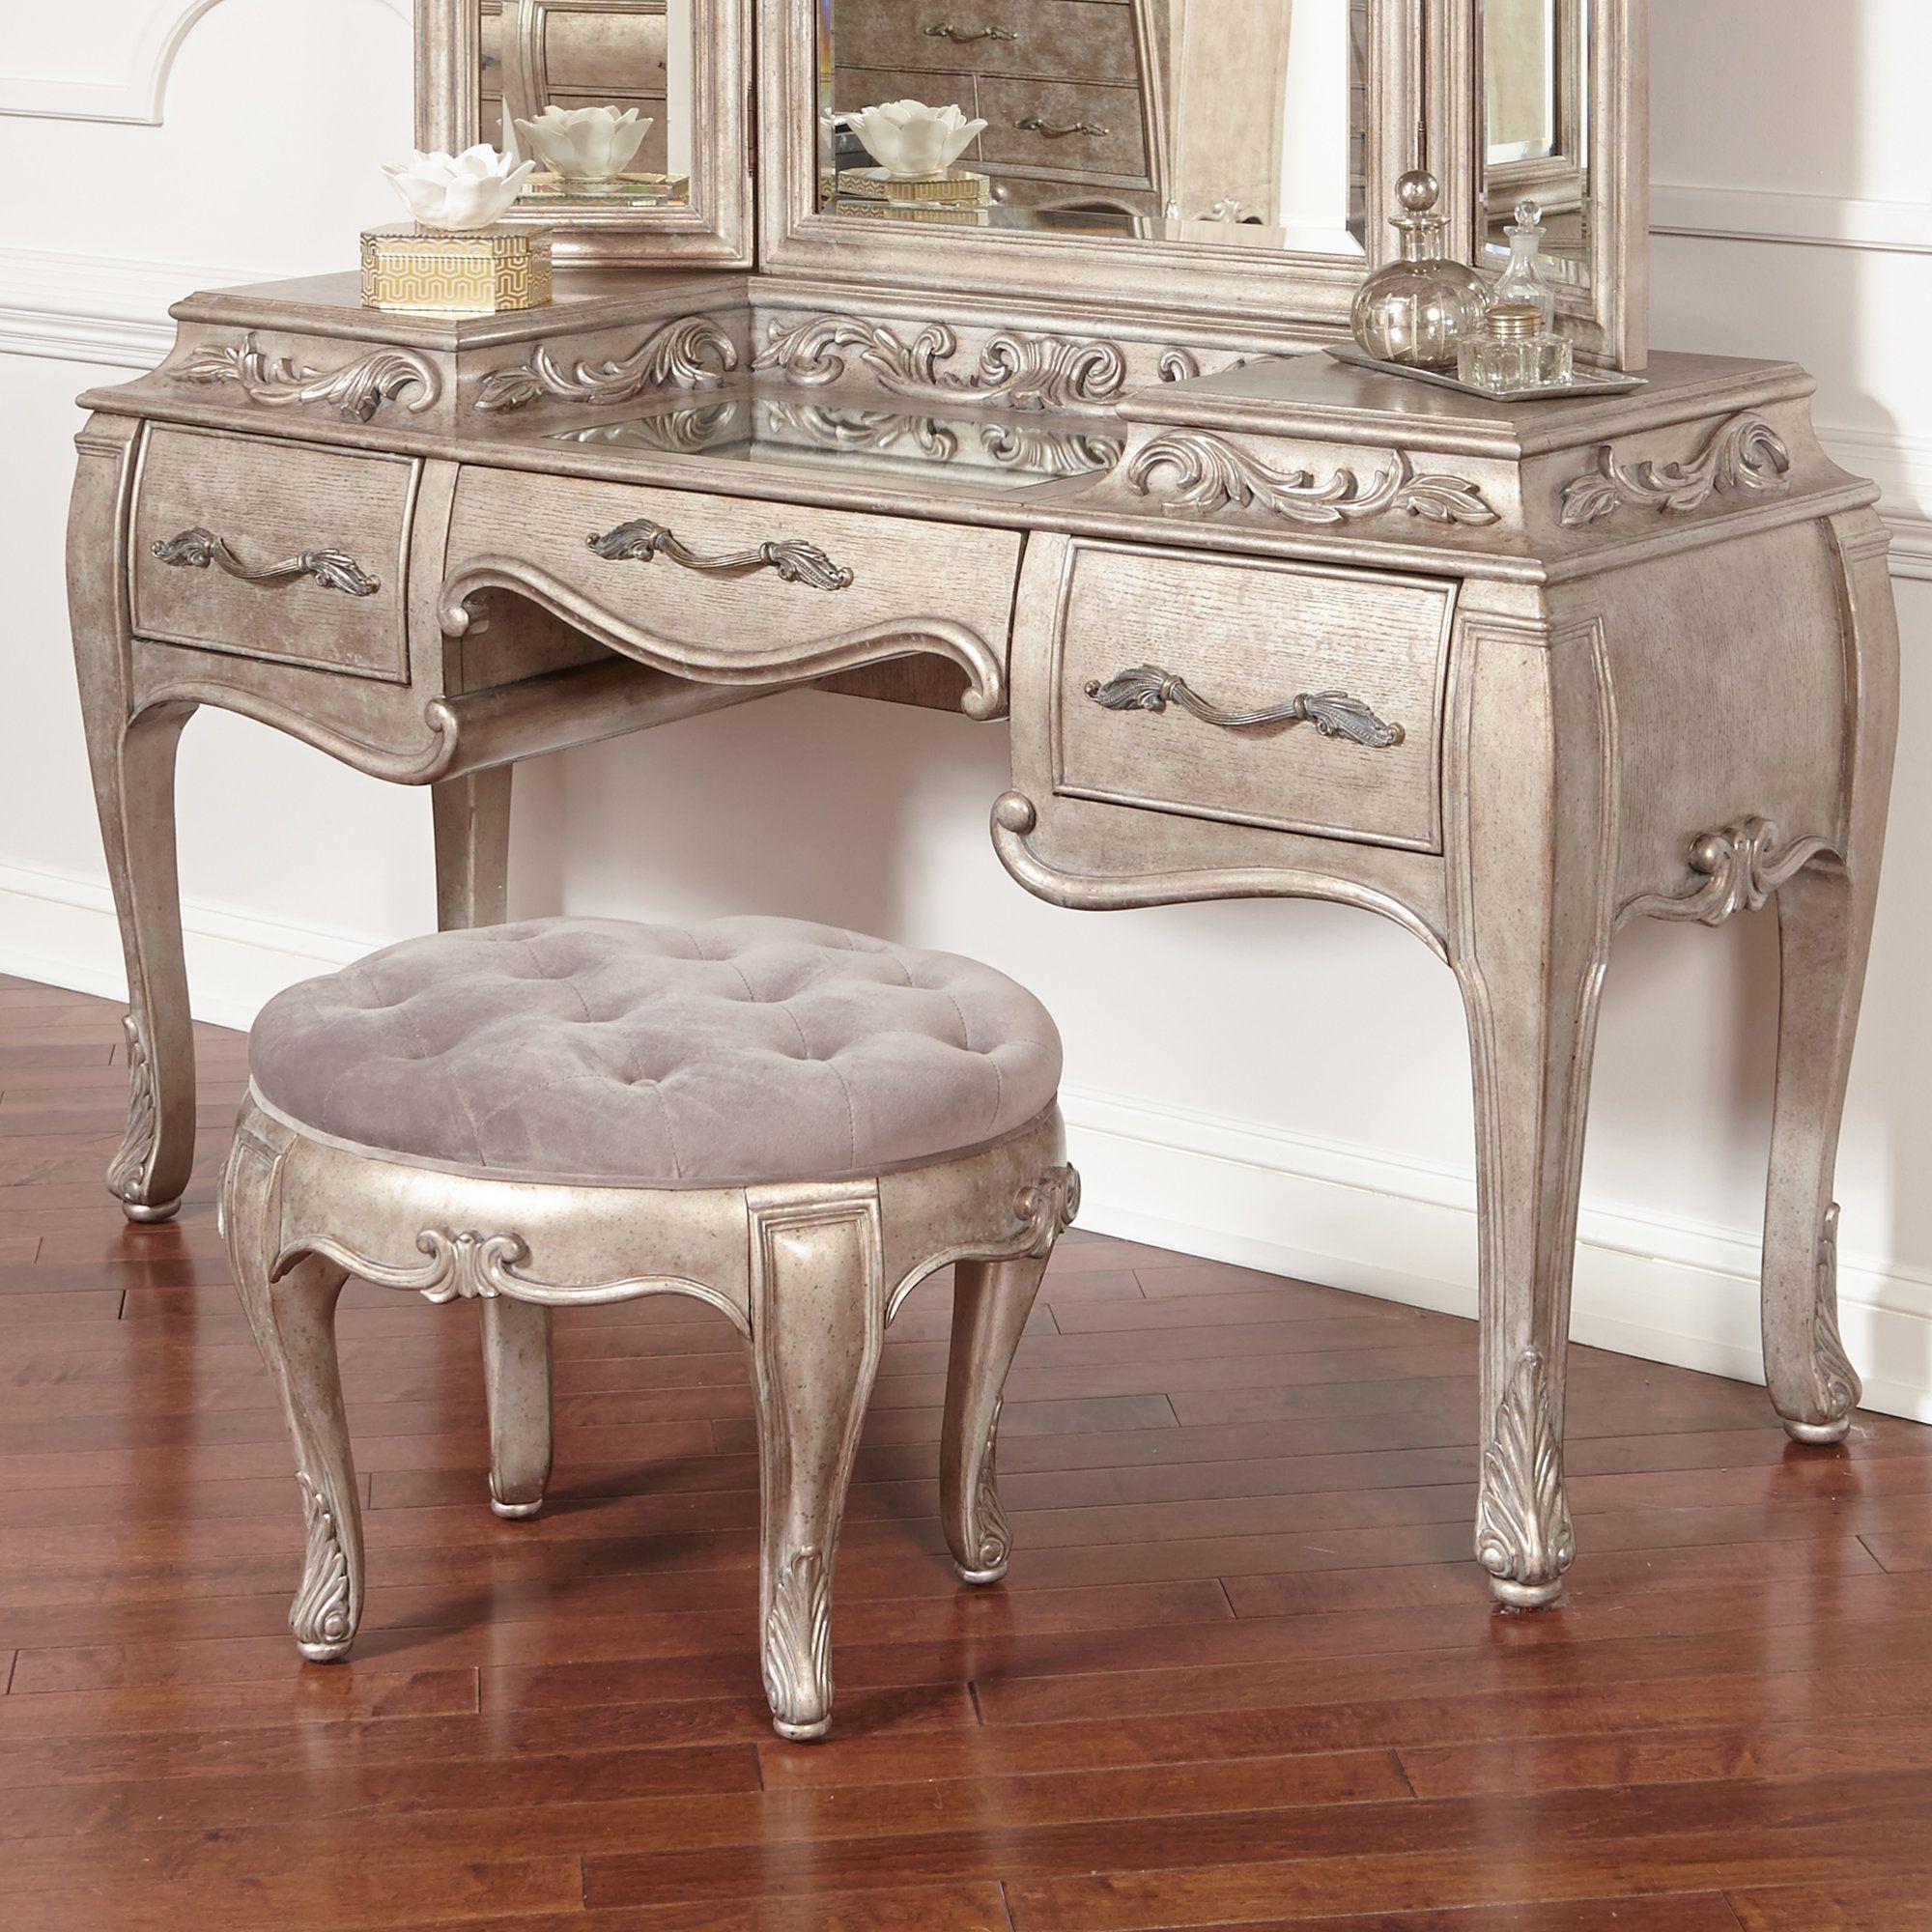 Holmes vanity makeover furniture pinterest vanity furniture